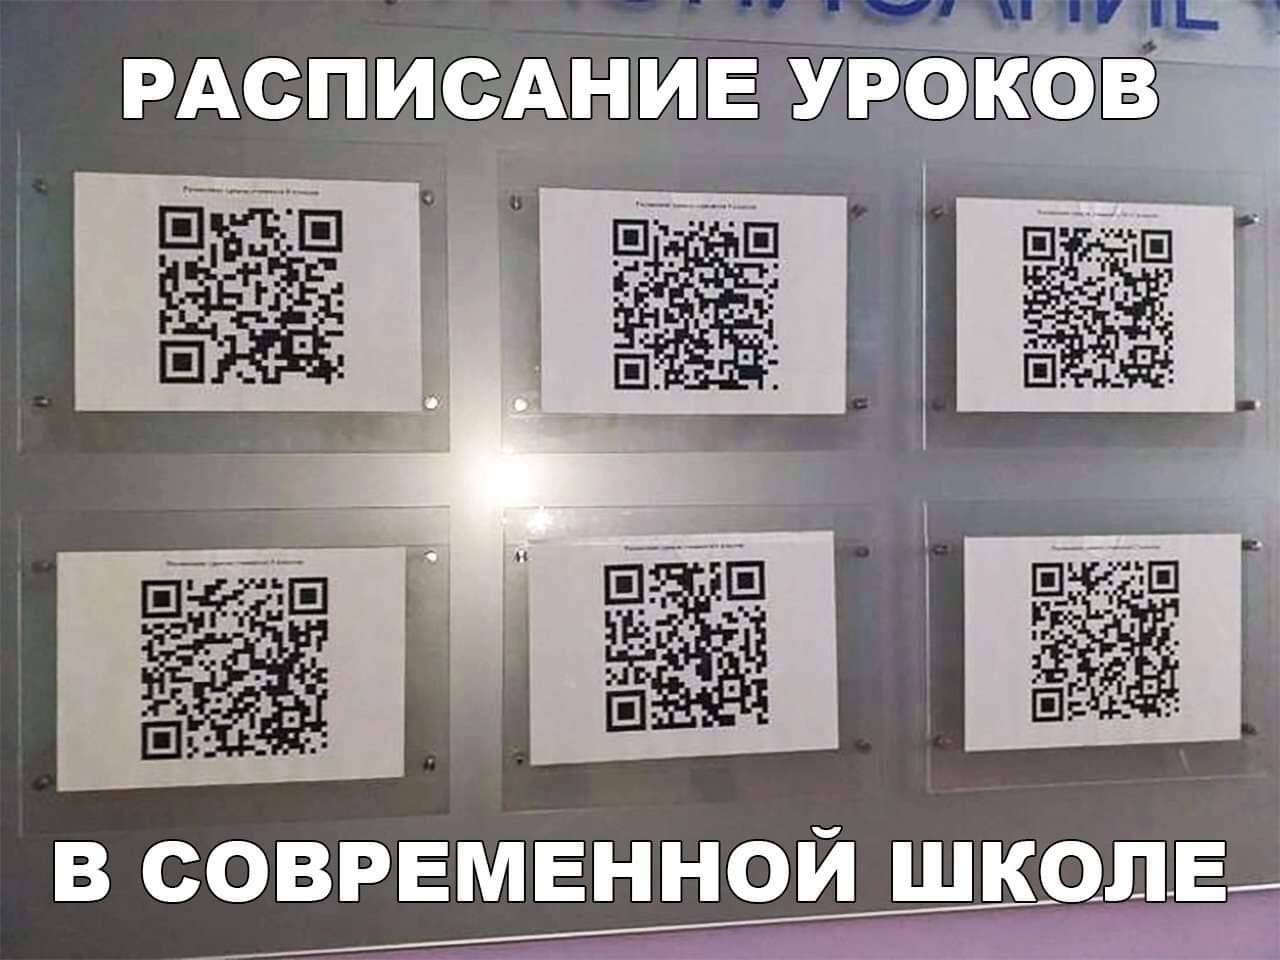 AI6xTRXVUXc.jpg